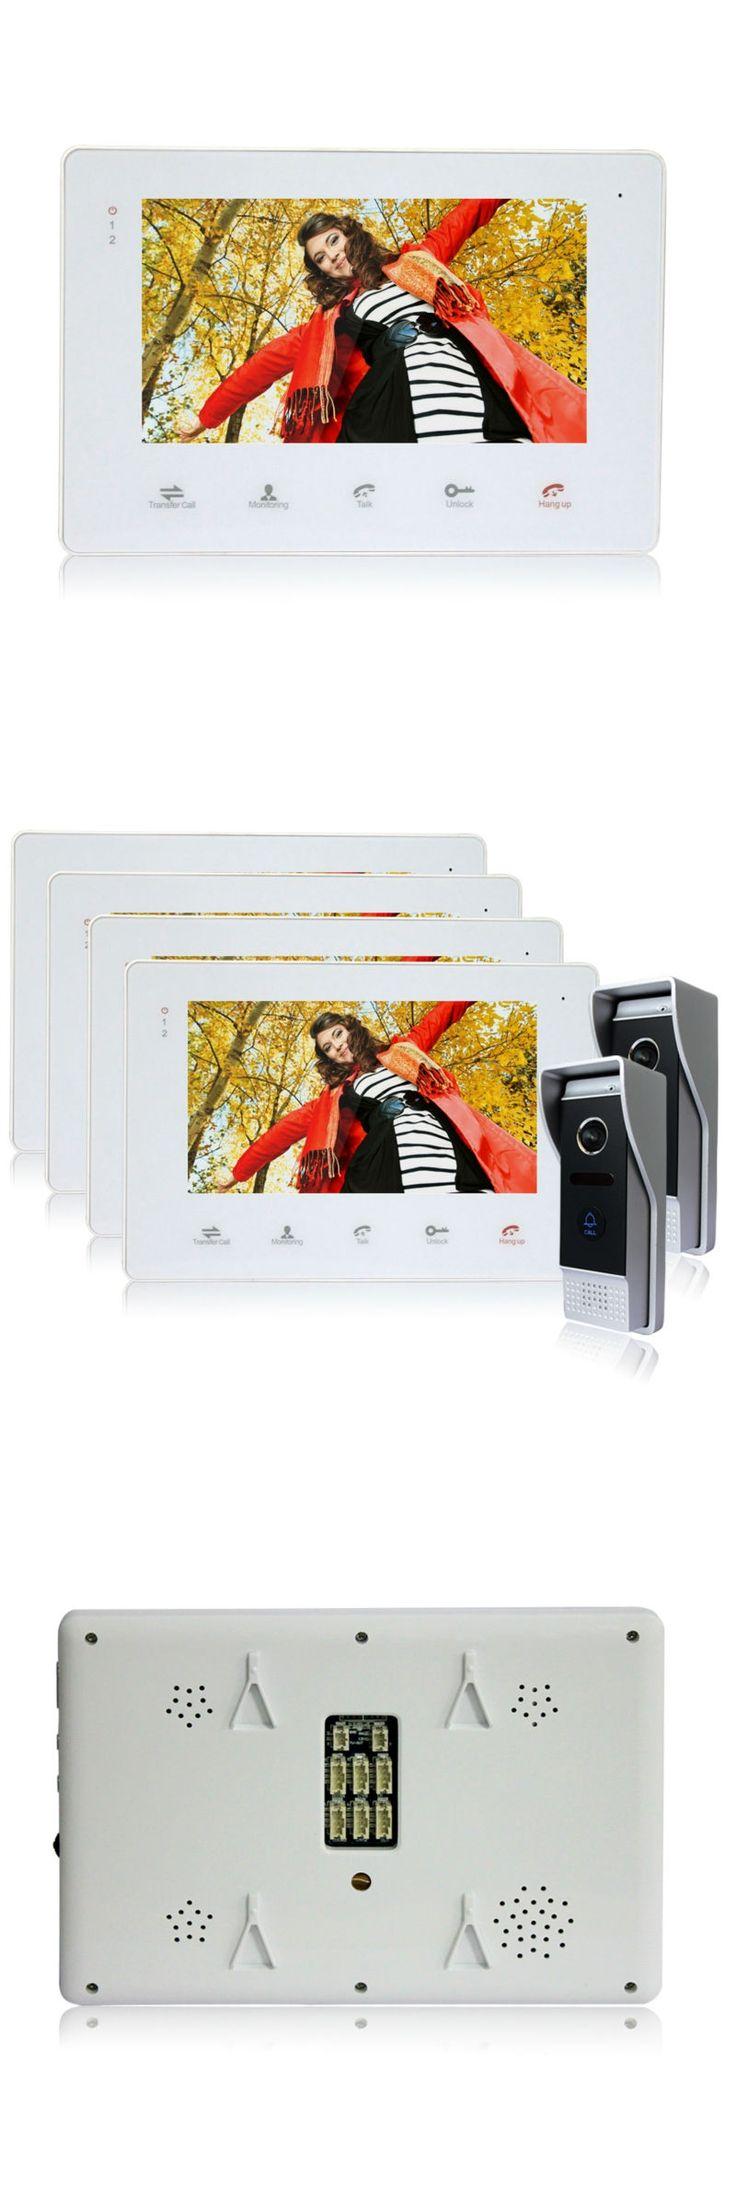 Best 25 intercom ideas on pinterest smart home website homefong 7 officehome door phone video doorbell touch key 7 inch lcd rubansaba